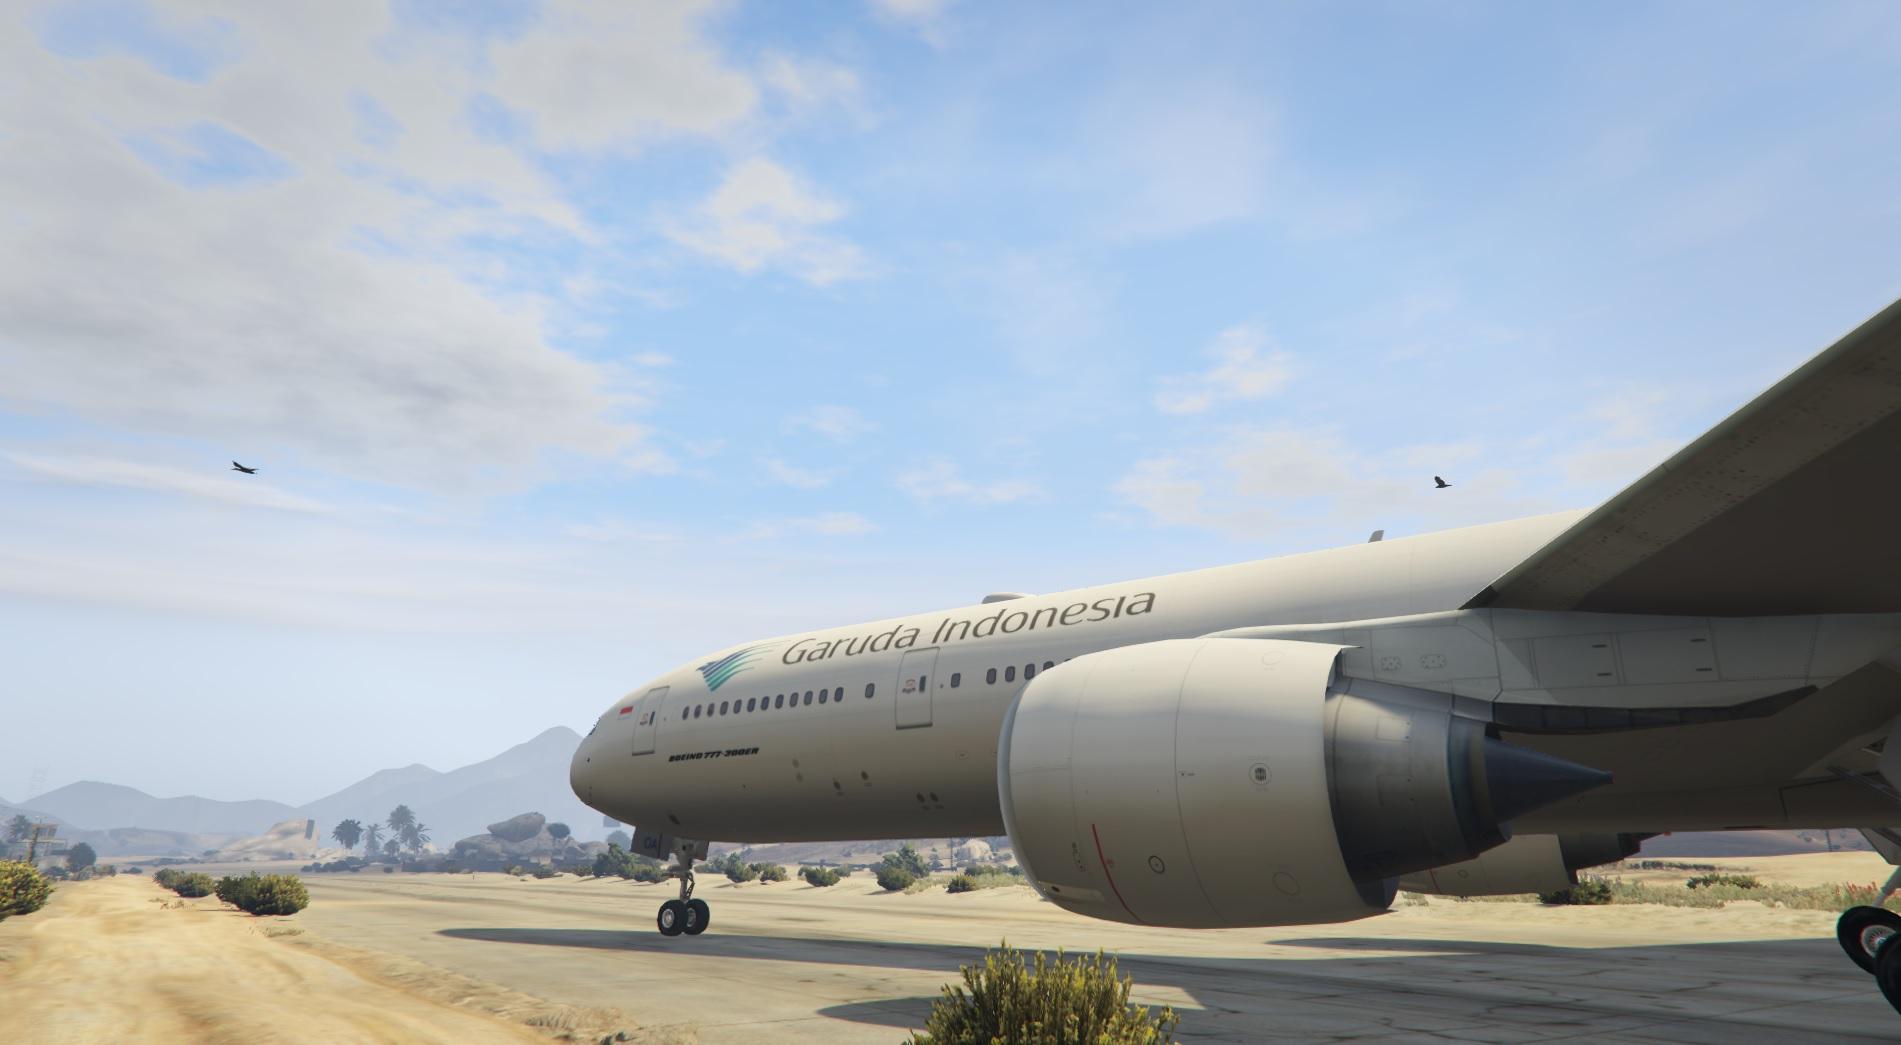 Garuda Indonesia Livery for Boeing 777-300ER - GTA5-Mods.com